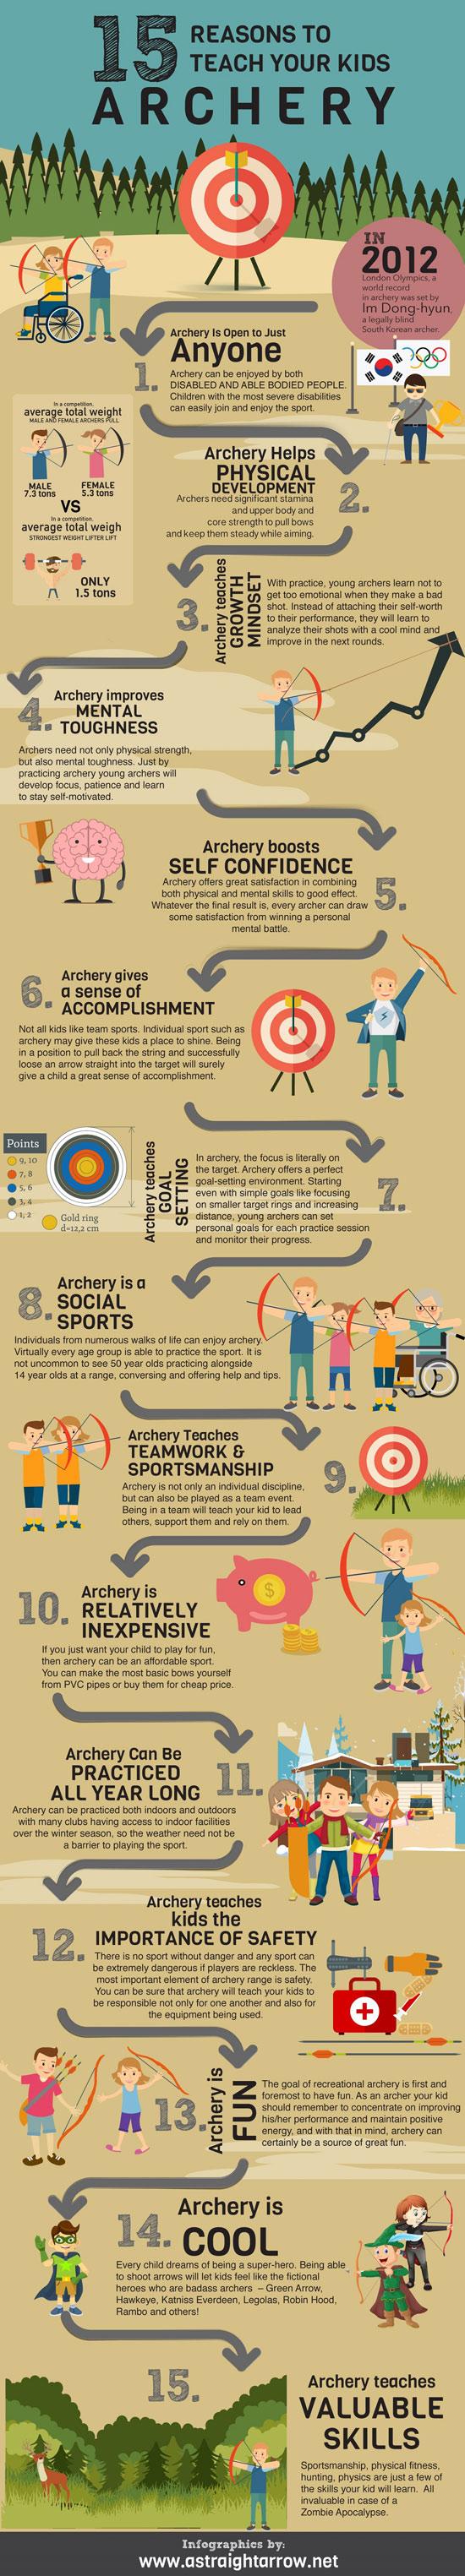 teach-archery